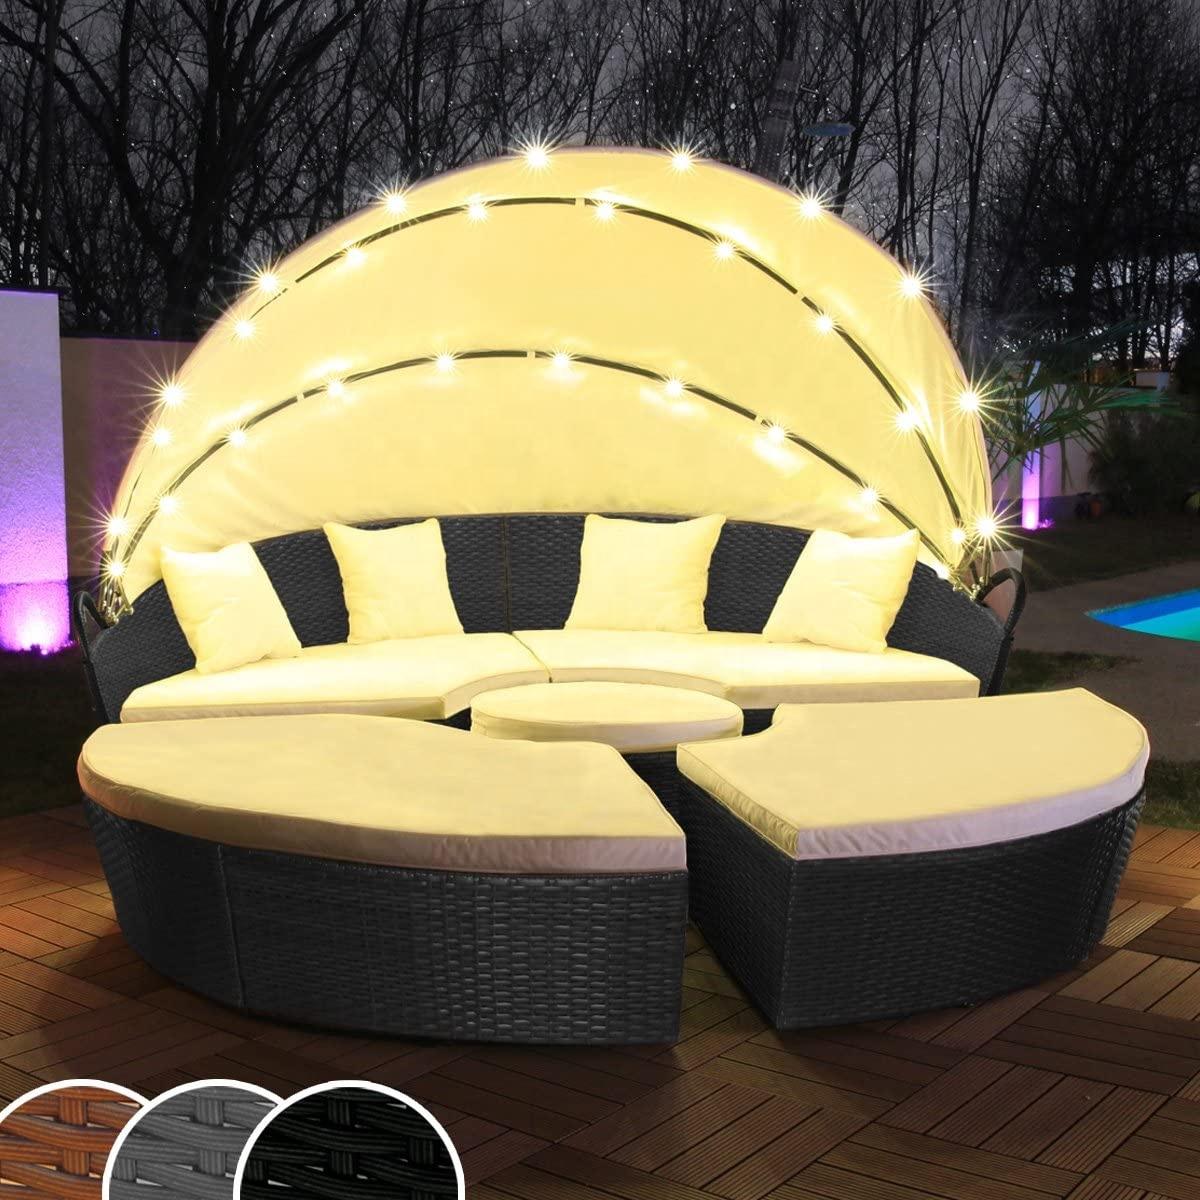 Садовой мебели из ротанга день кровати со светодиодными огнями RLF-00088A